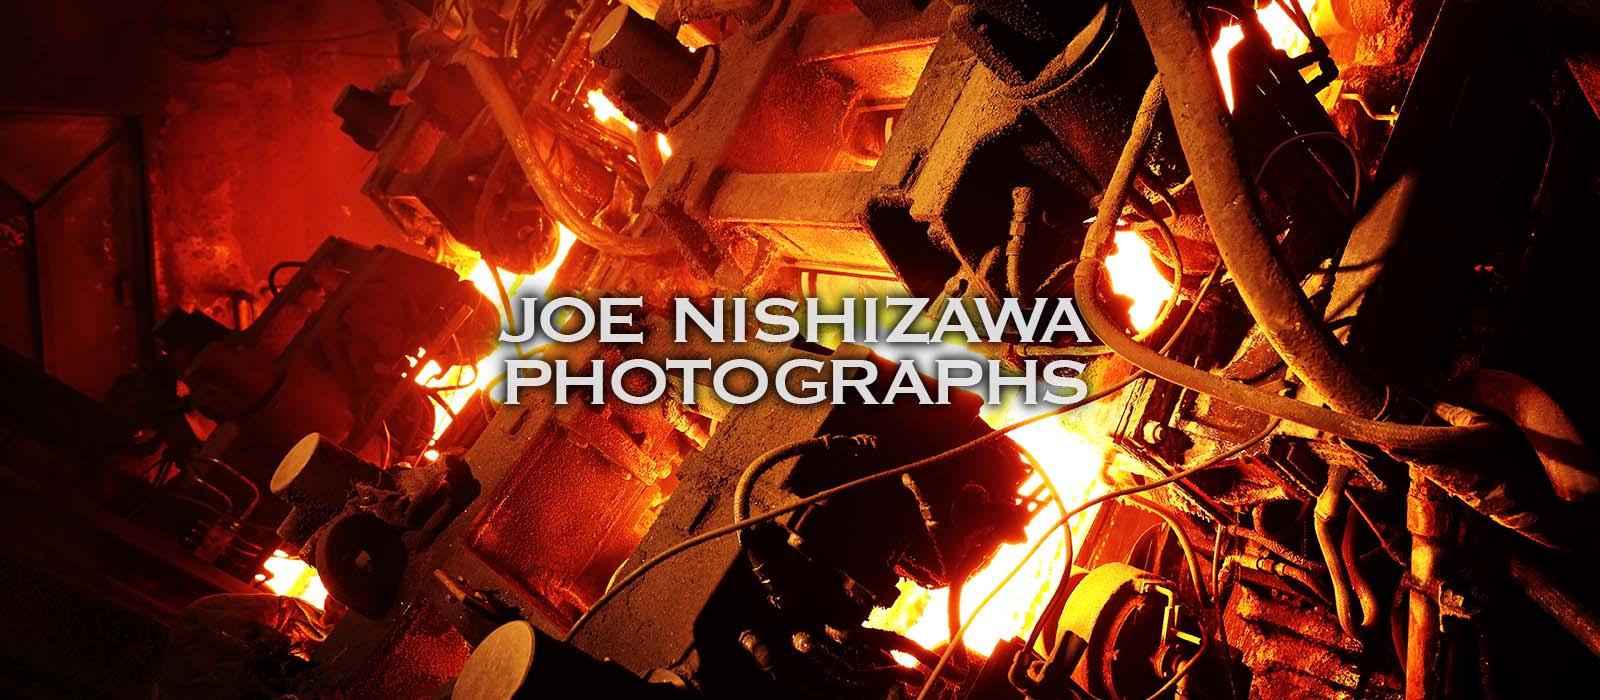 写真家西澤丞のウェブサイトのトップページ画像